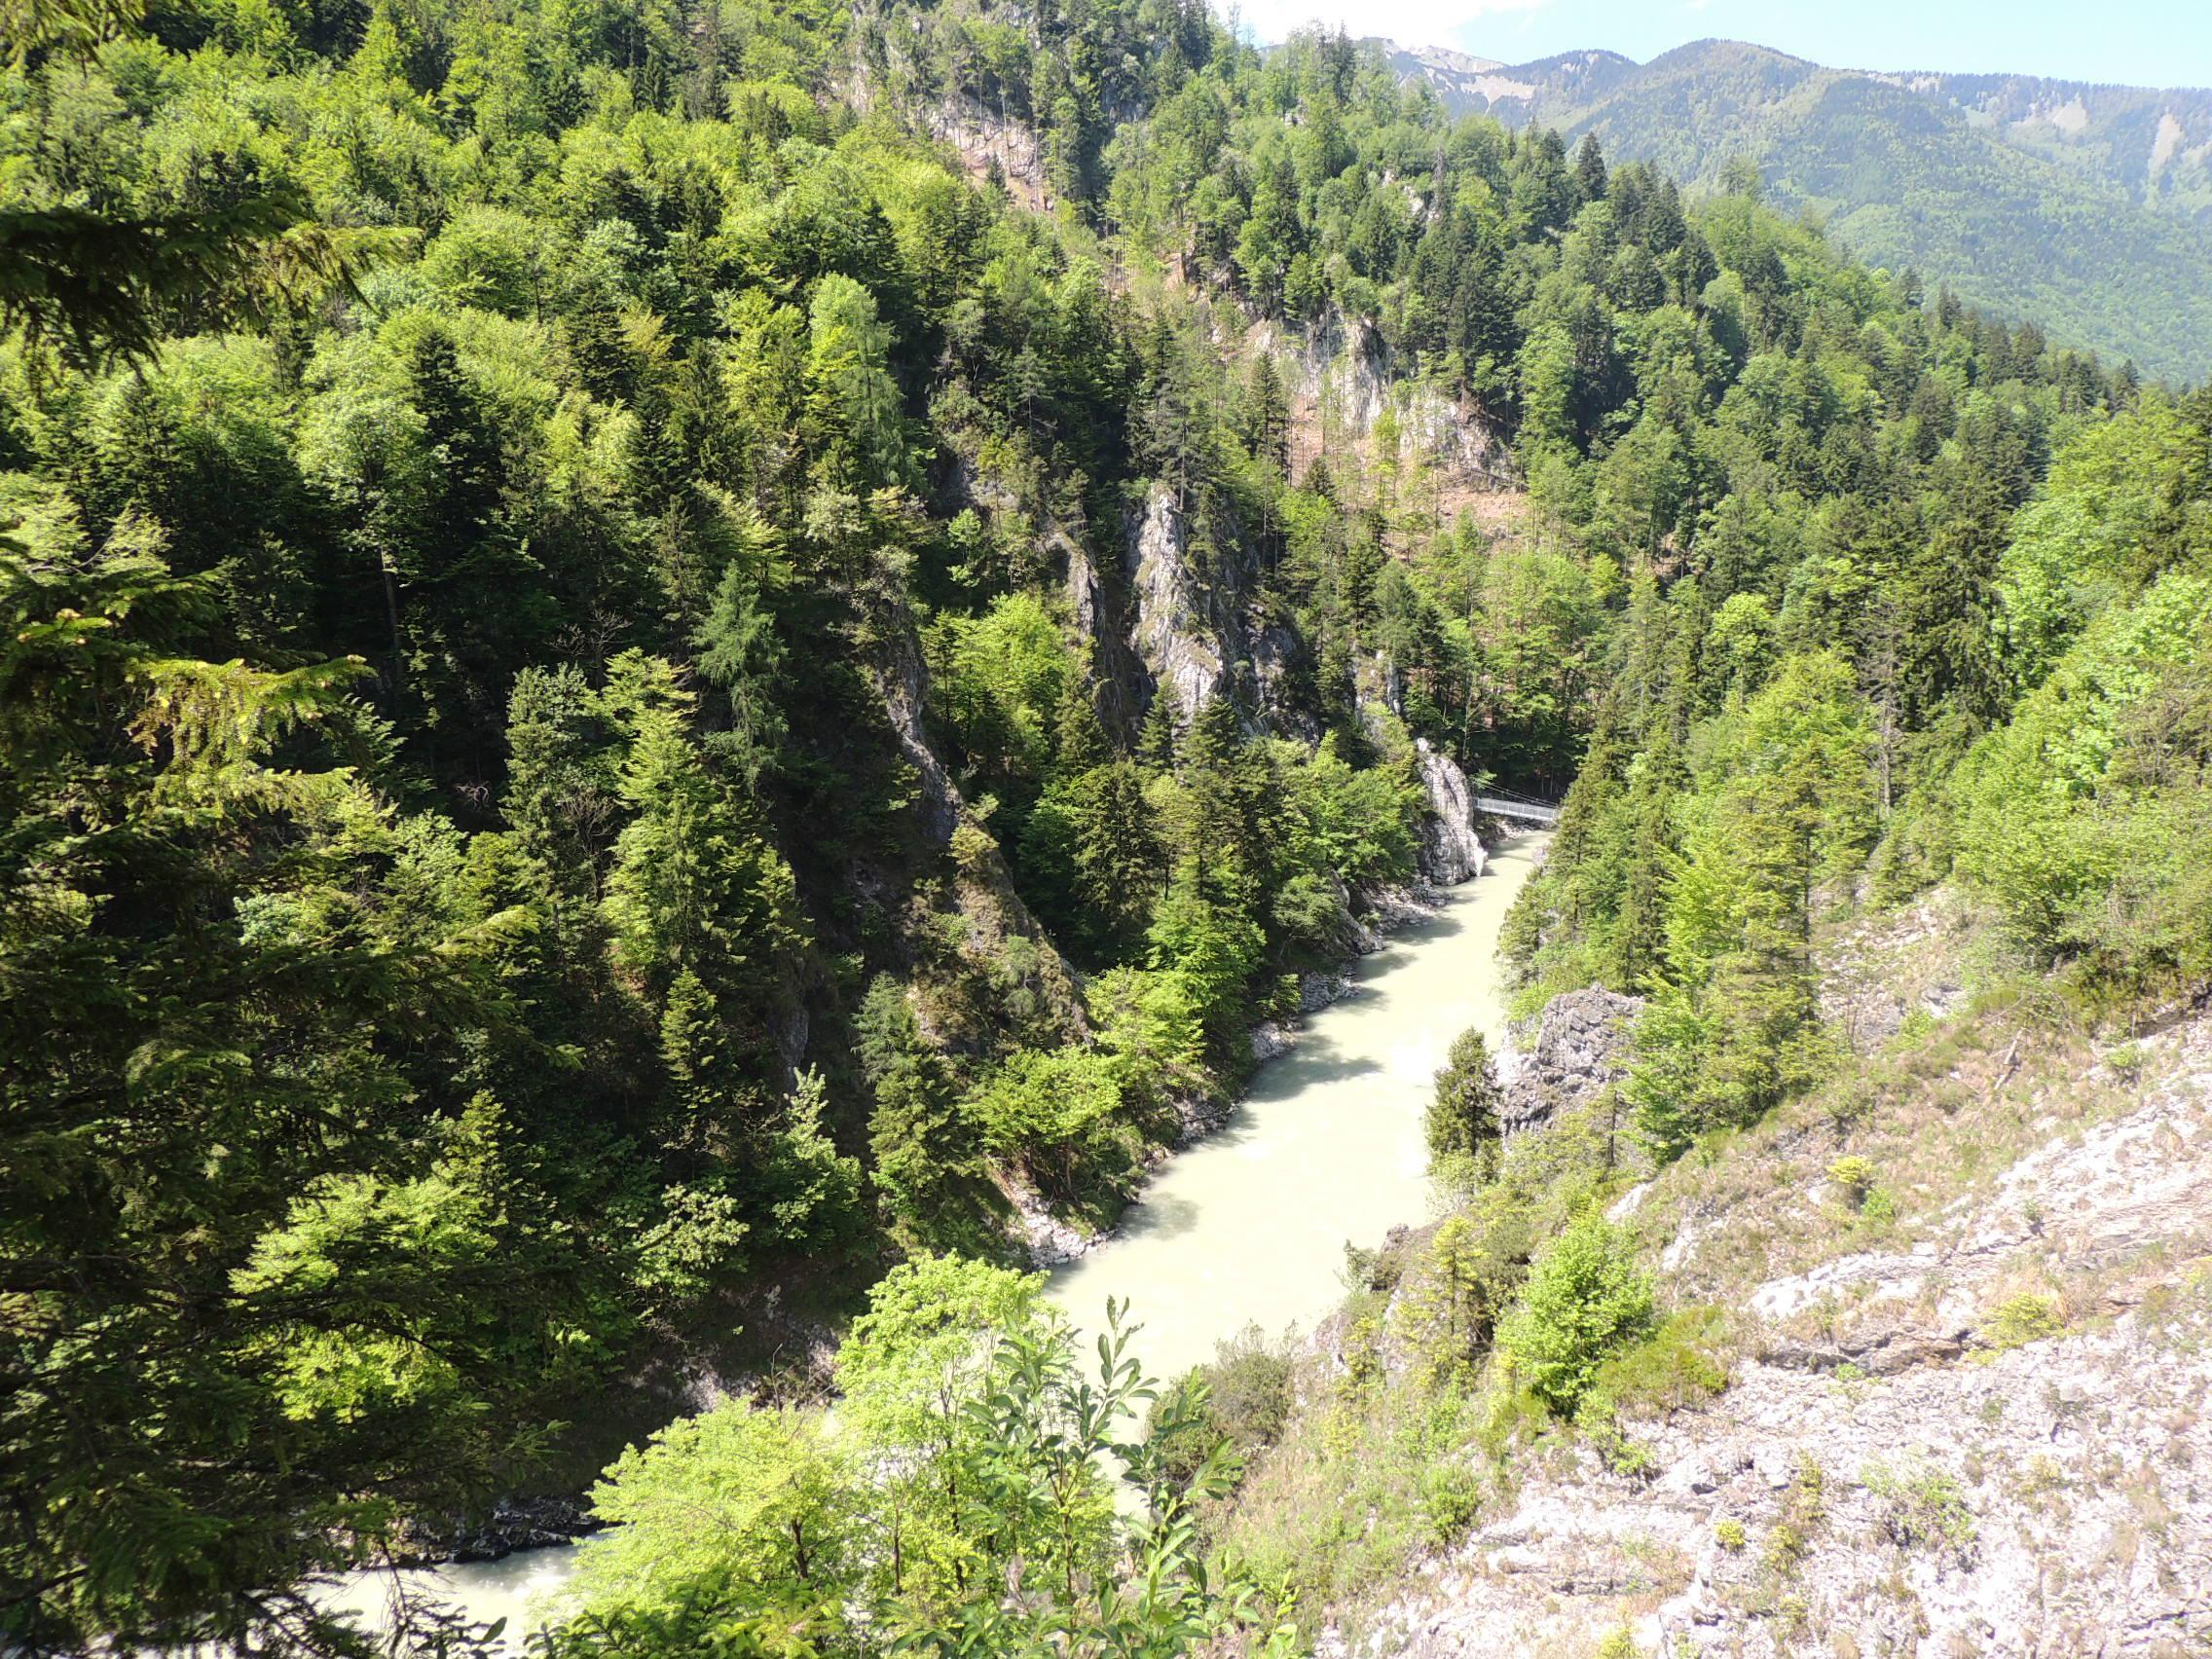 Die Tiroler Ache aus der Vogelperspektive